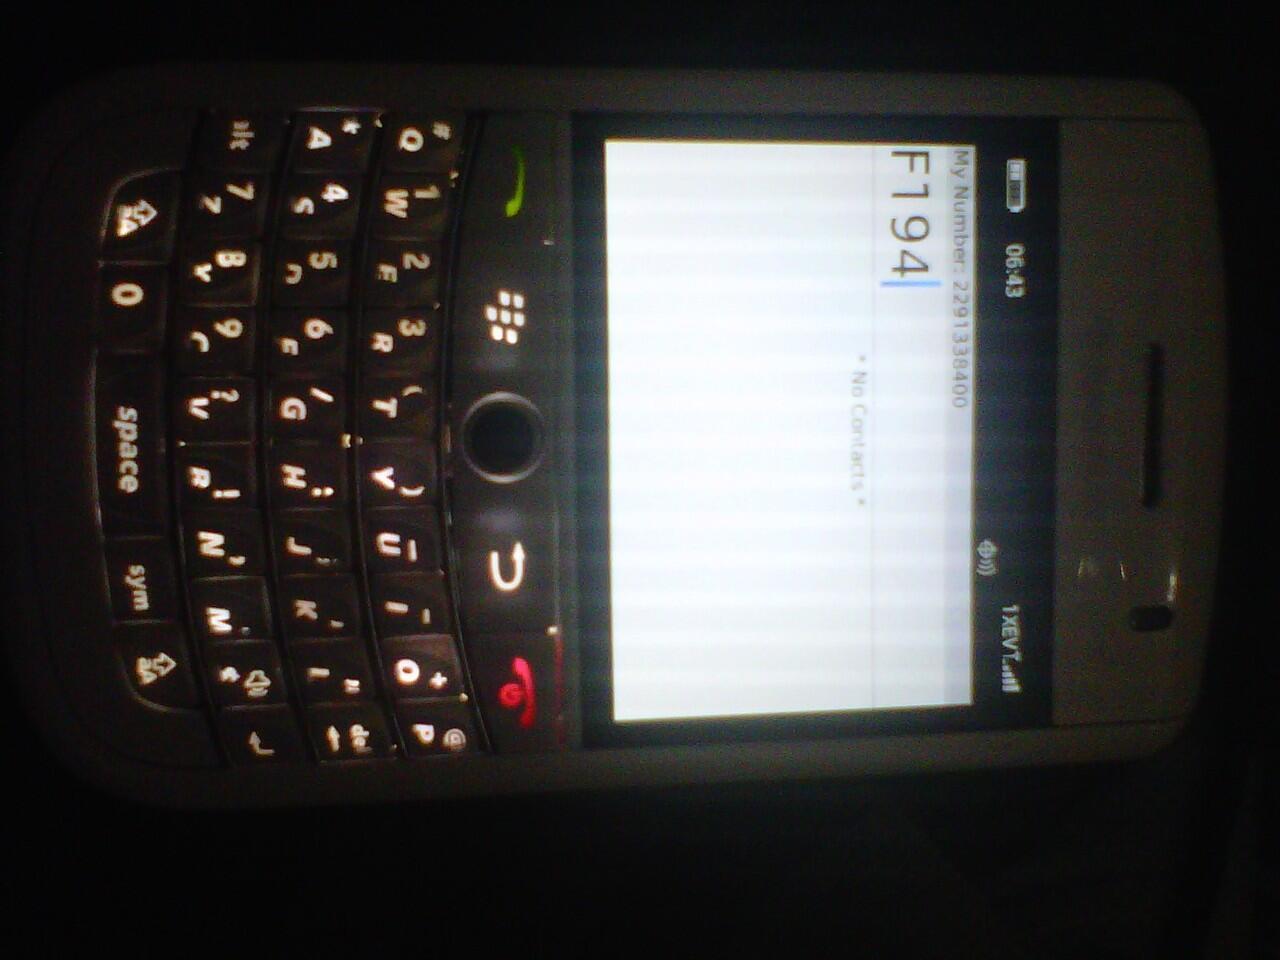 Casing Full Housing Blackberry Tour 9630 Putih / White